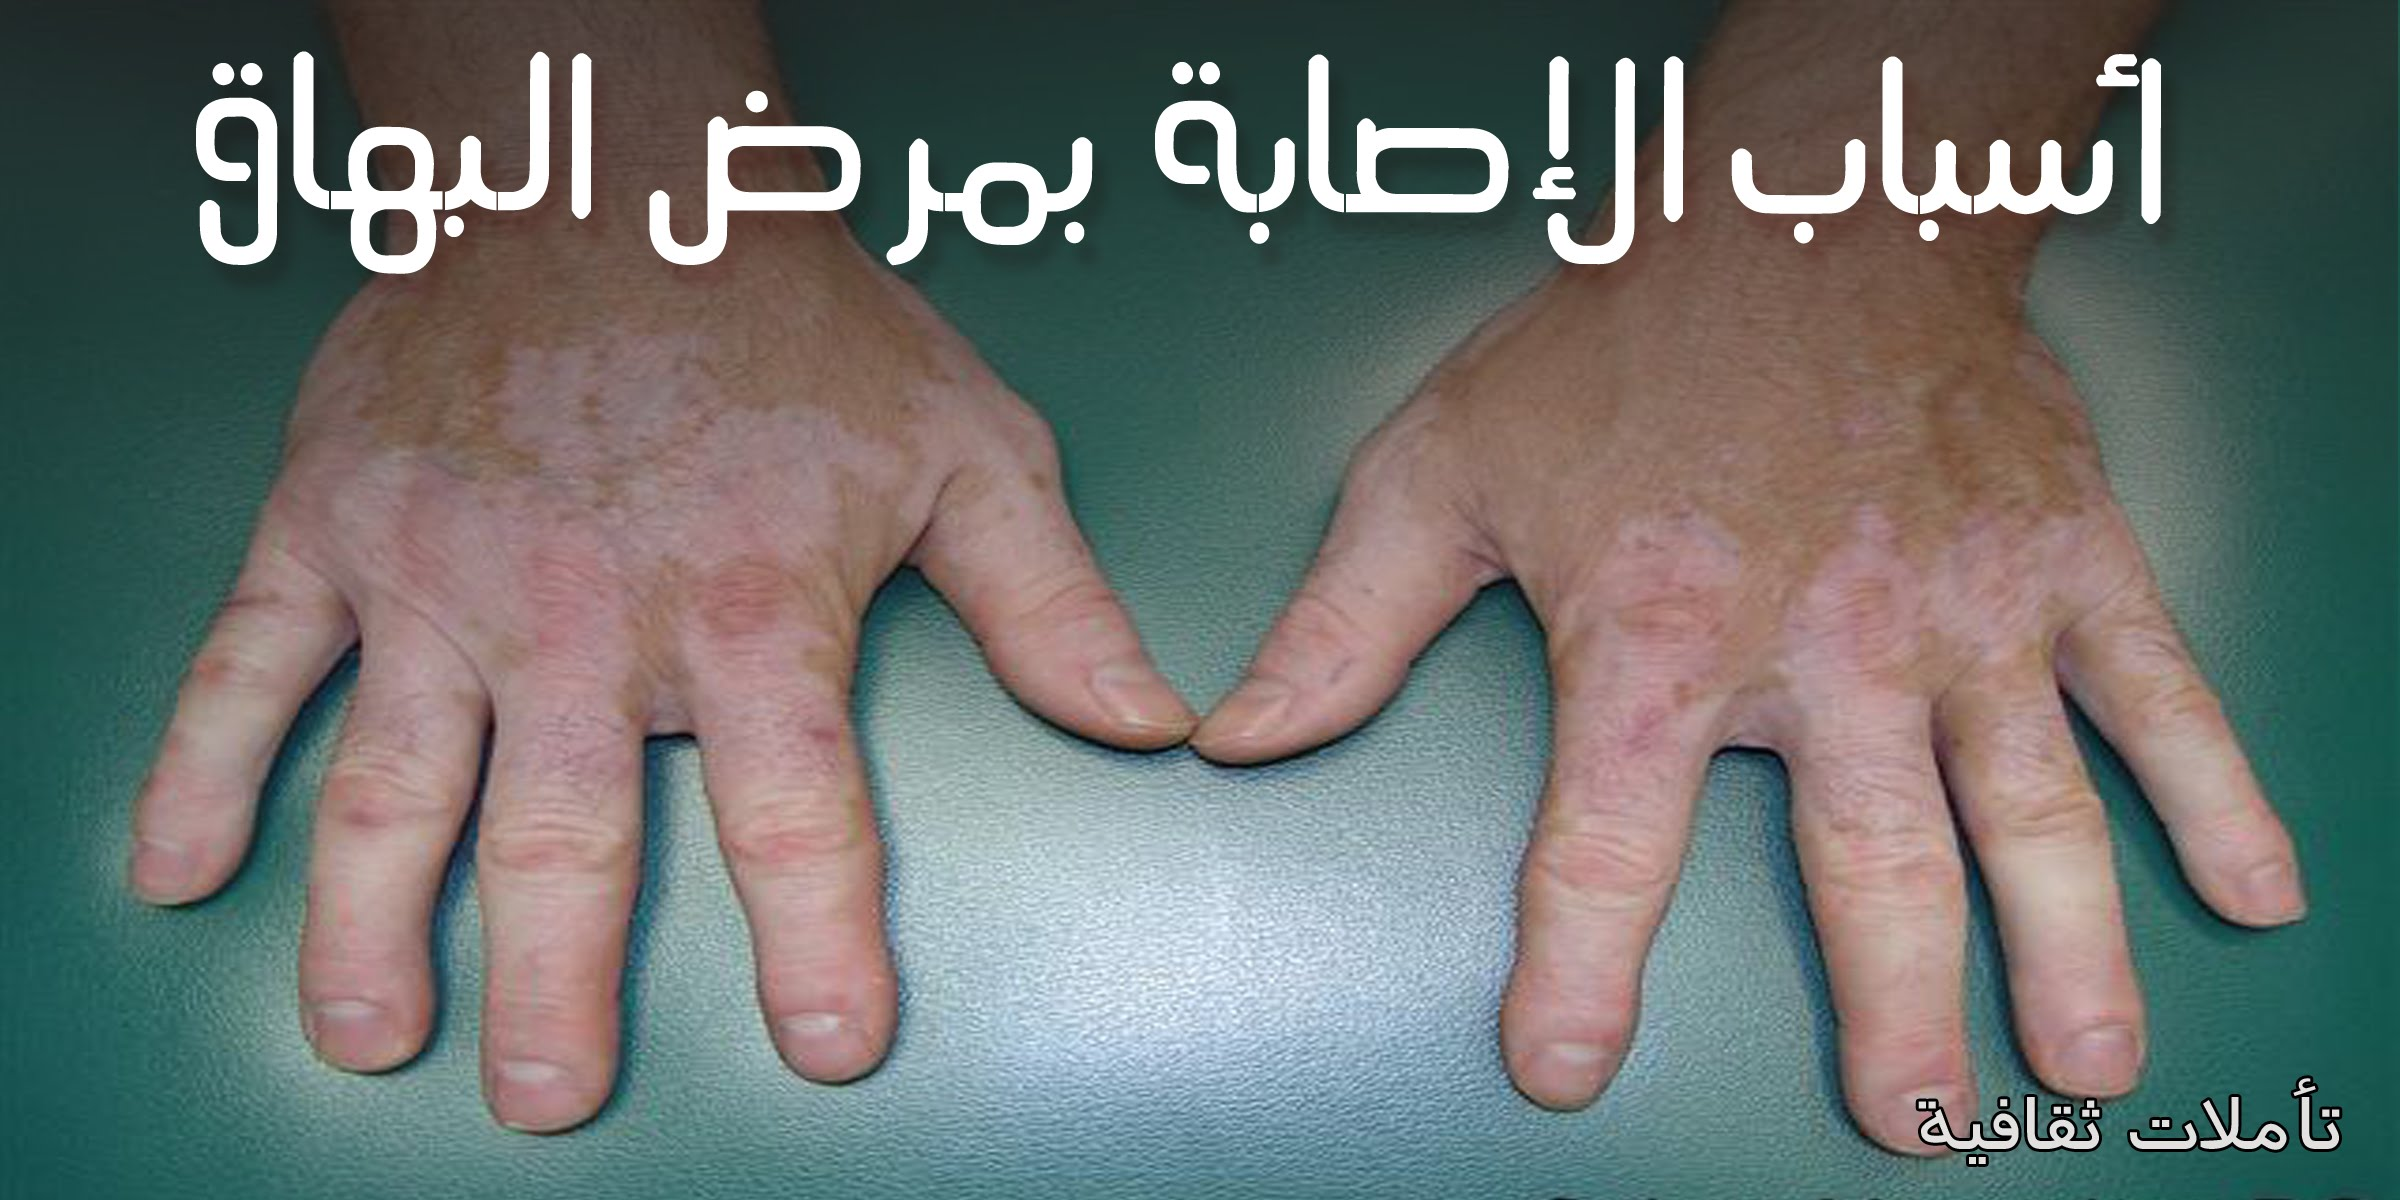 صور مرض البهاق اسبابه وعلاجه